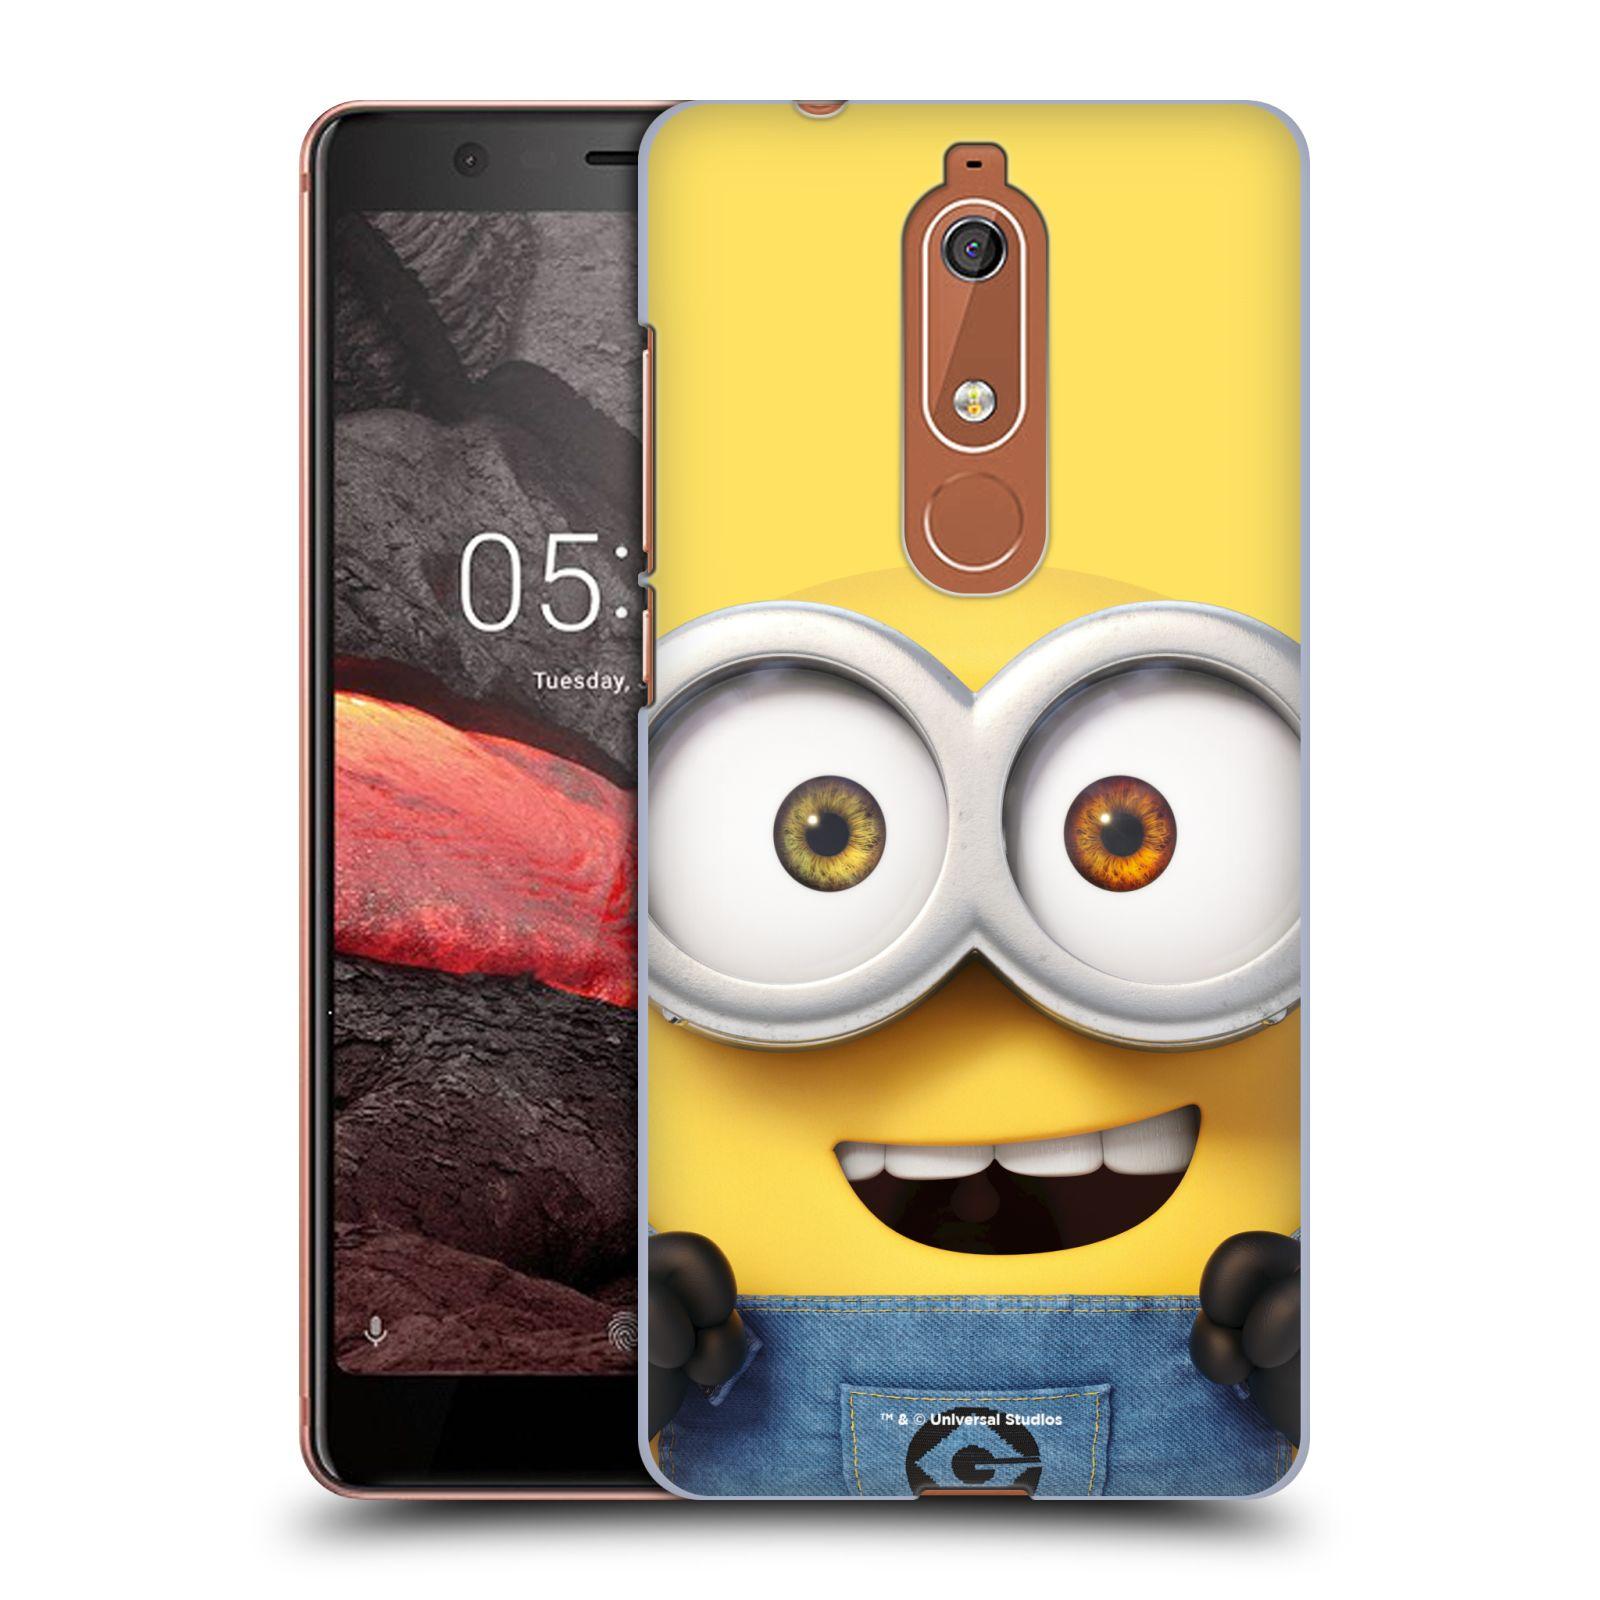 Plastové pouzdro na mobil Nokia 5.1 - Head Case - Mimoň Bob z filmu Já, padouch - Despicable Me